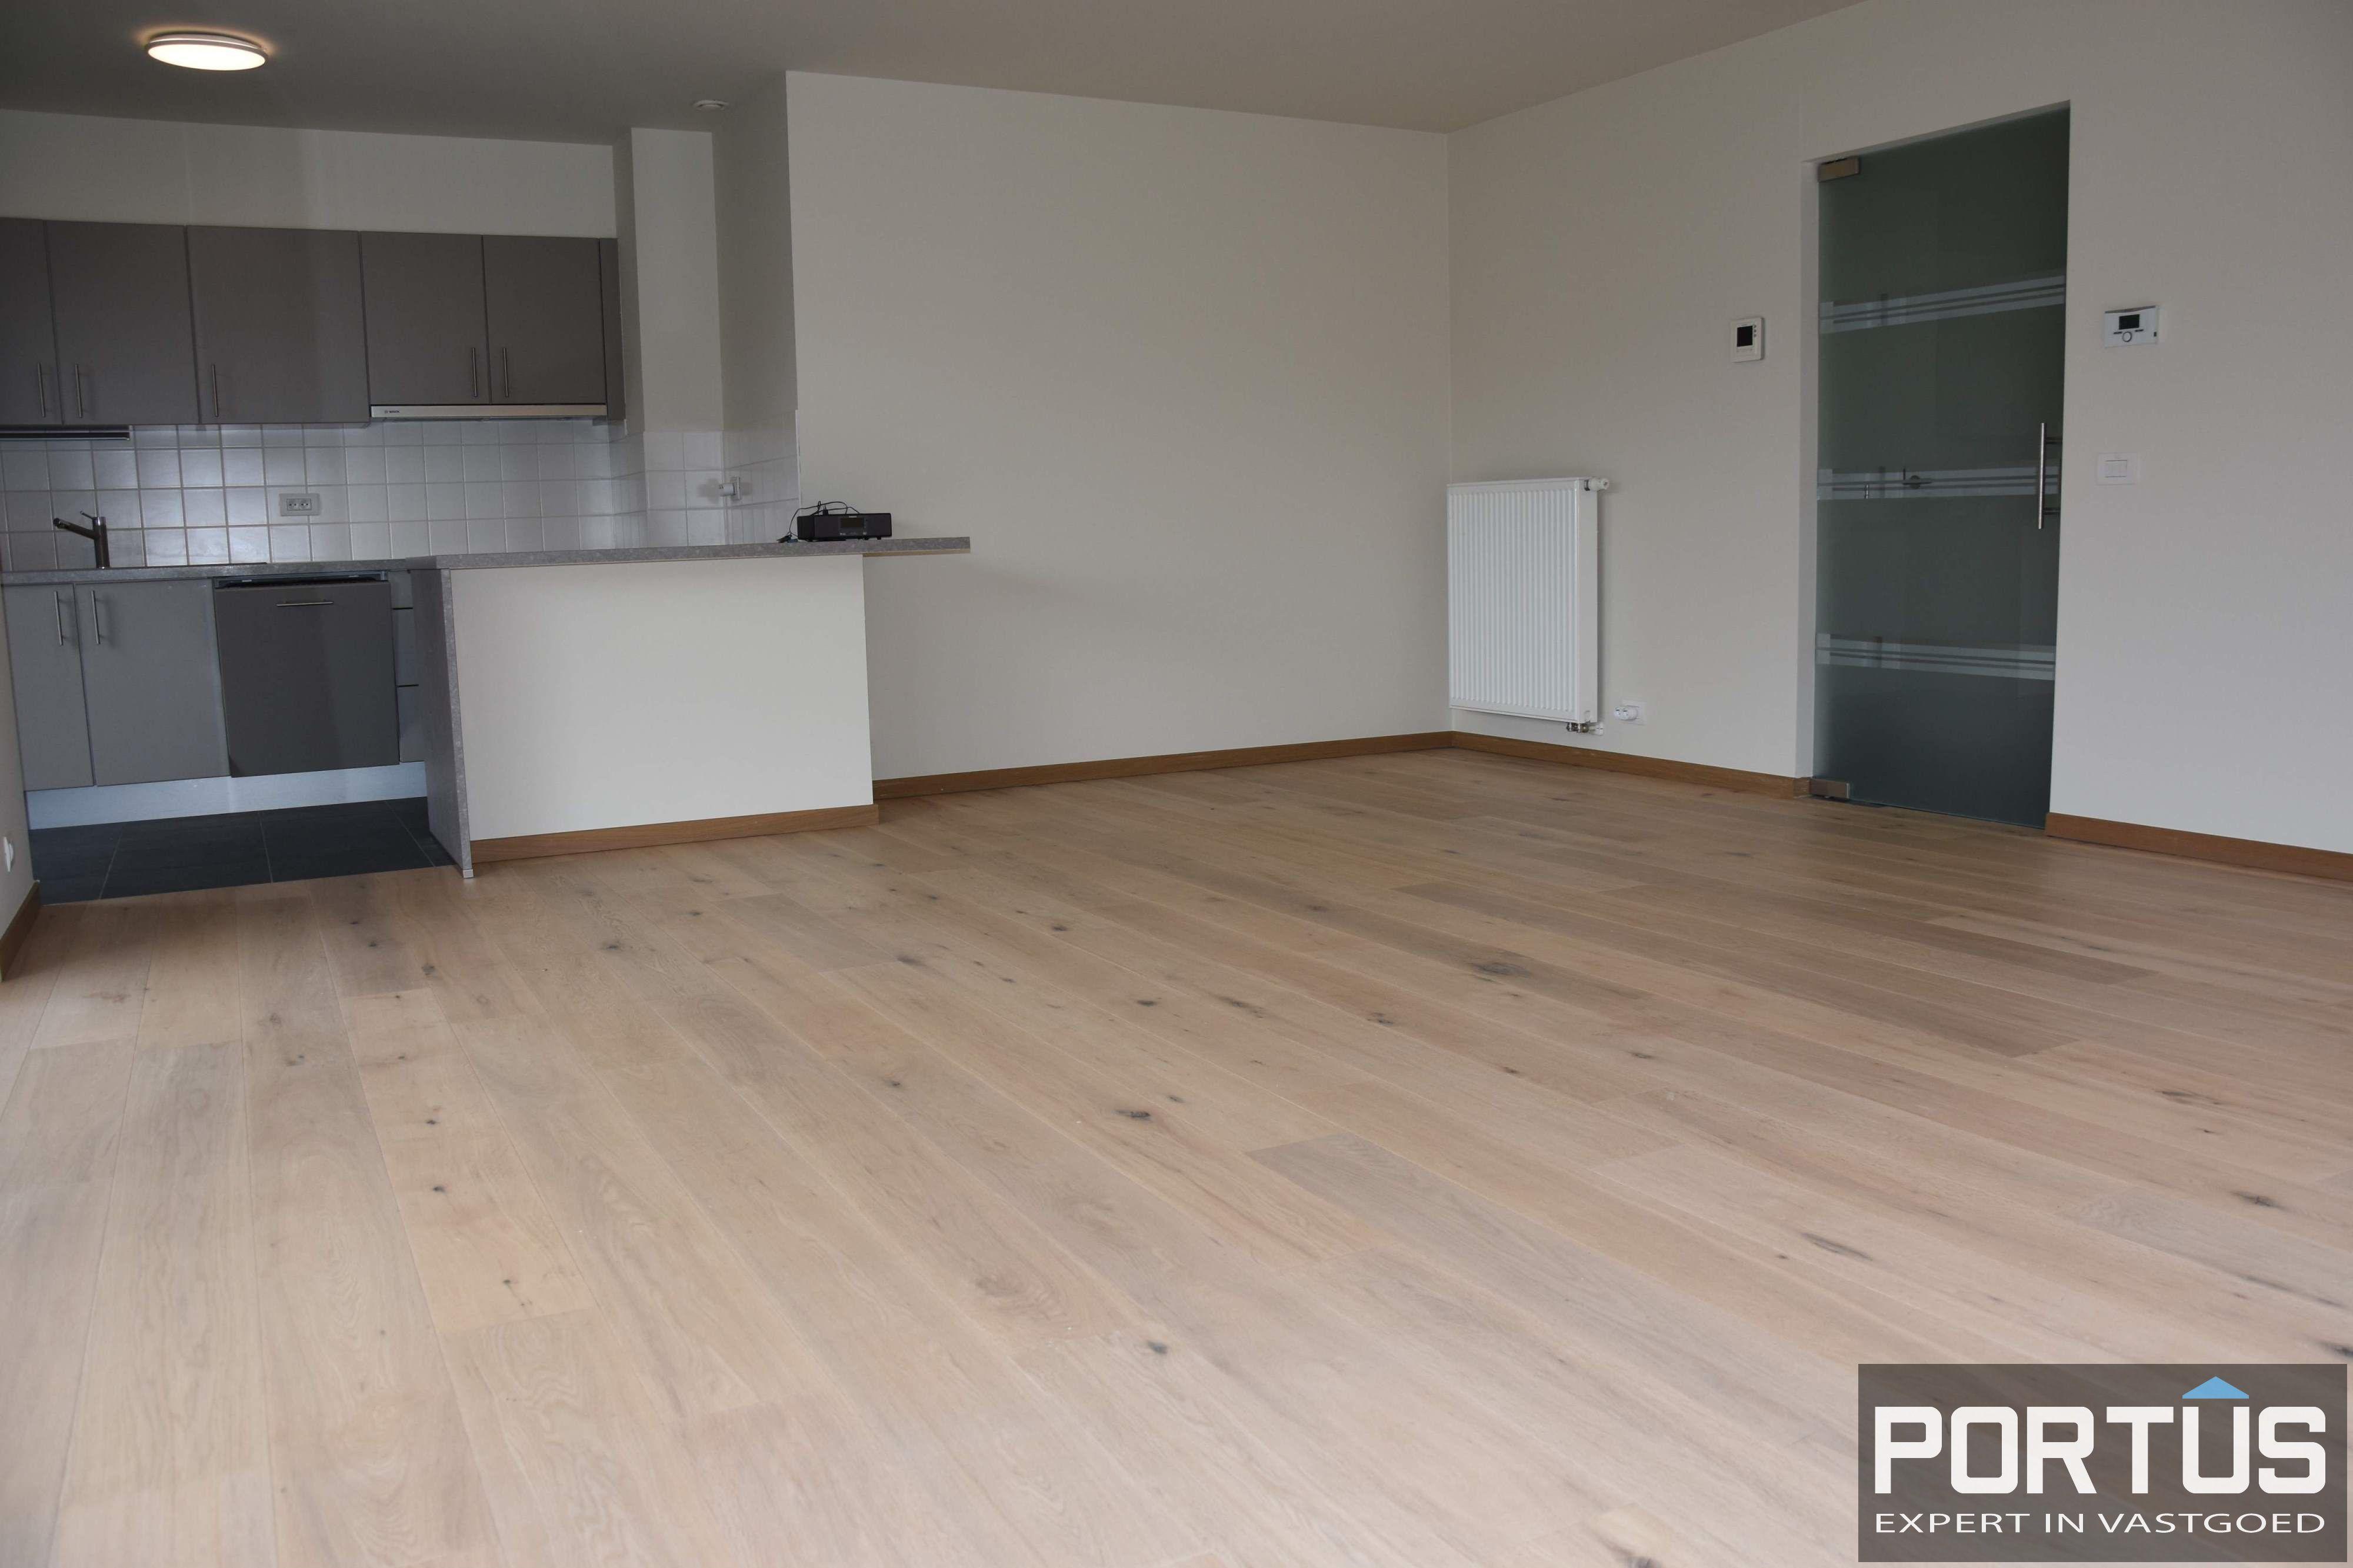 Appartement met 2 slaapkamers te huur in Nieuwpoort - 10916